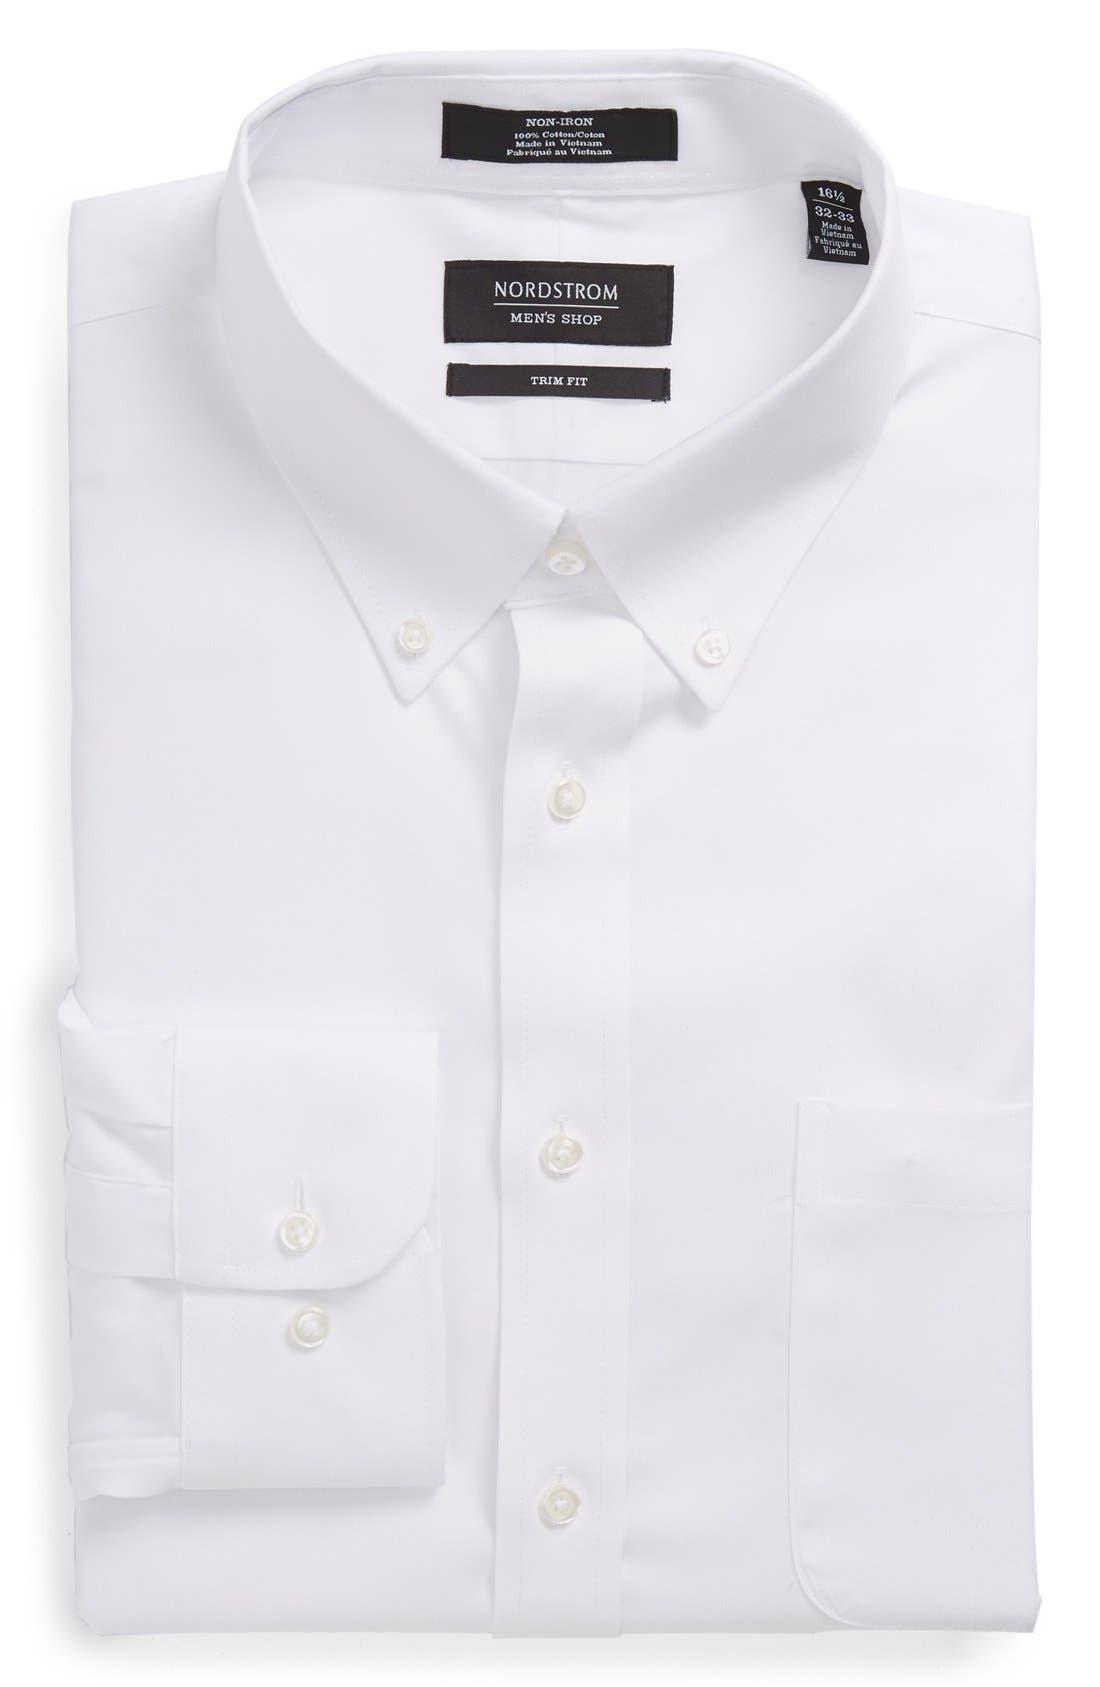 Main Image - Nordstrom Men's Shop Trim Fit Non-Iron Dress Shirt